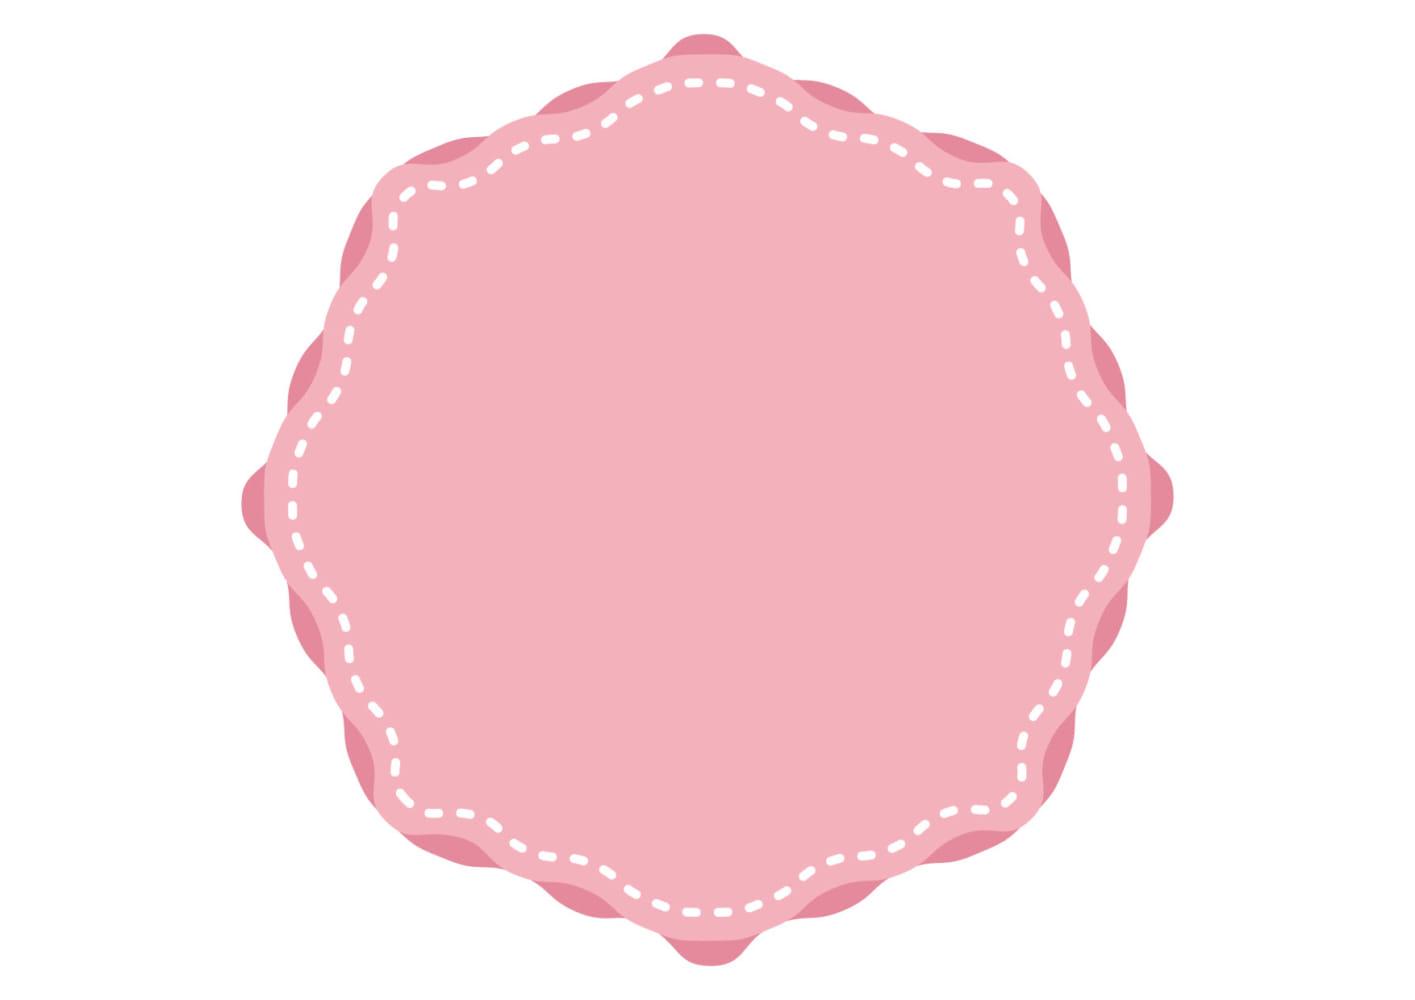 背景 ピンク ステッチ フレーム イラスト 無料